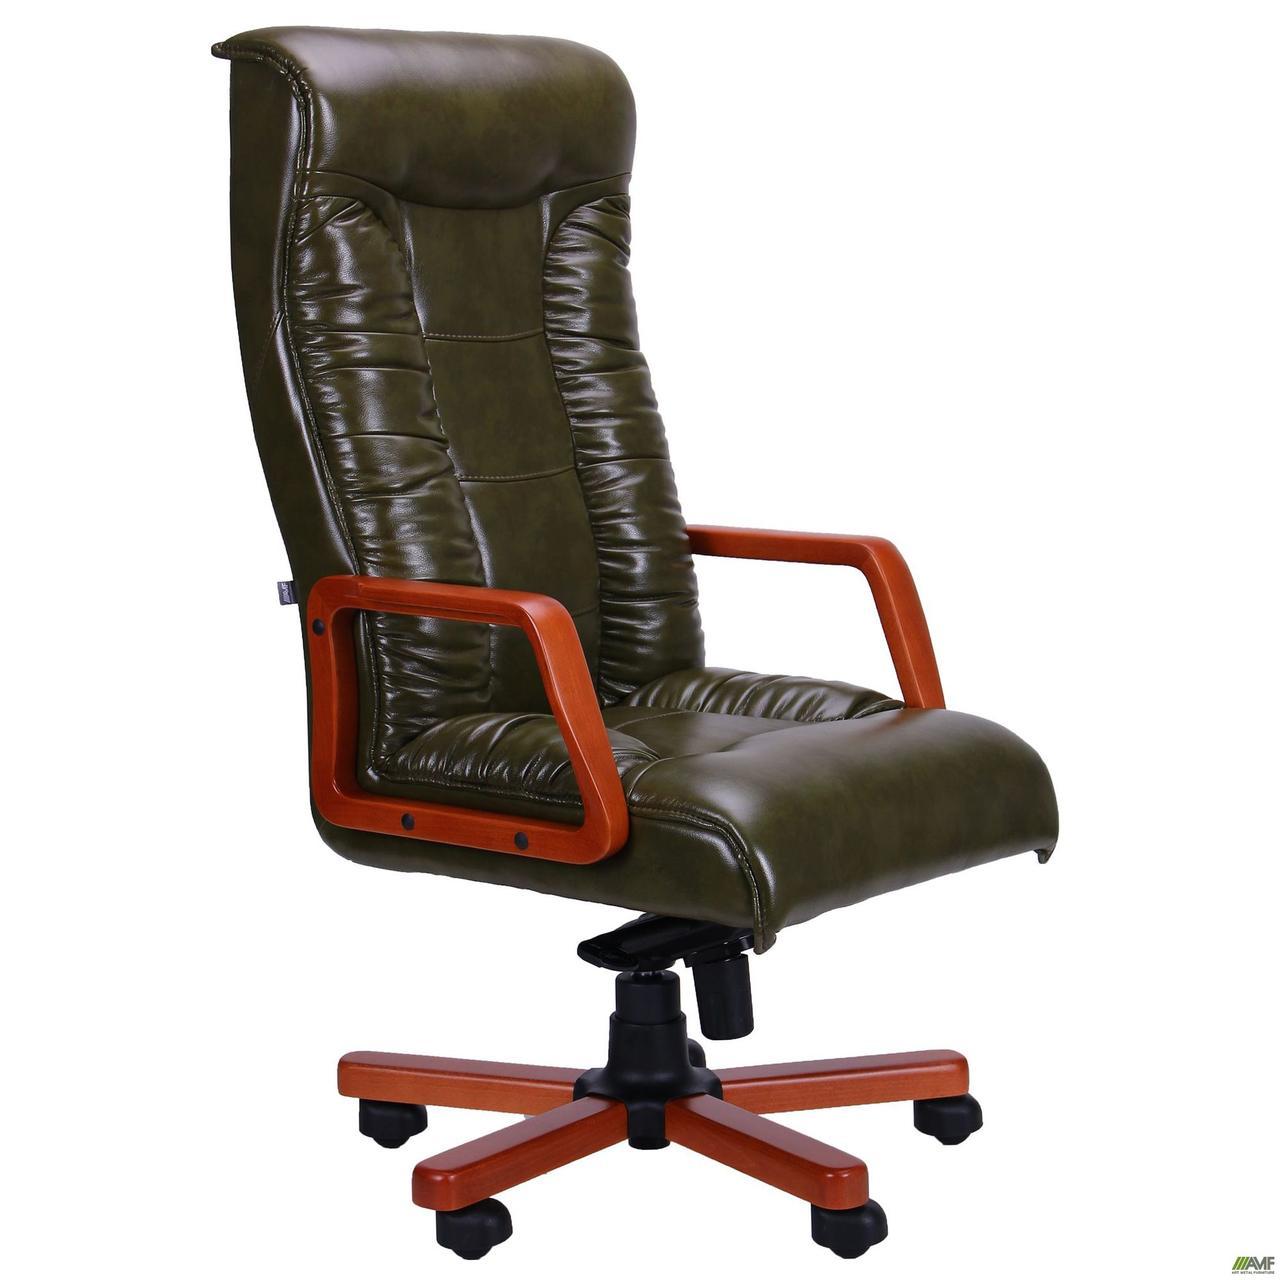 Кресло Кинг Экстра MB вишня Кожа Люкс комбинированная Крем-брюле